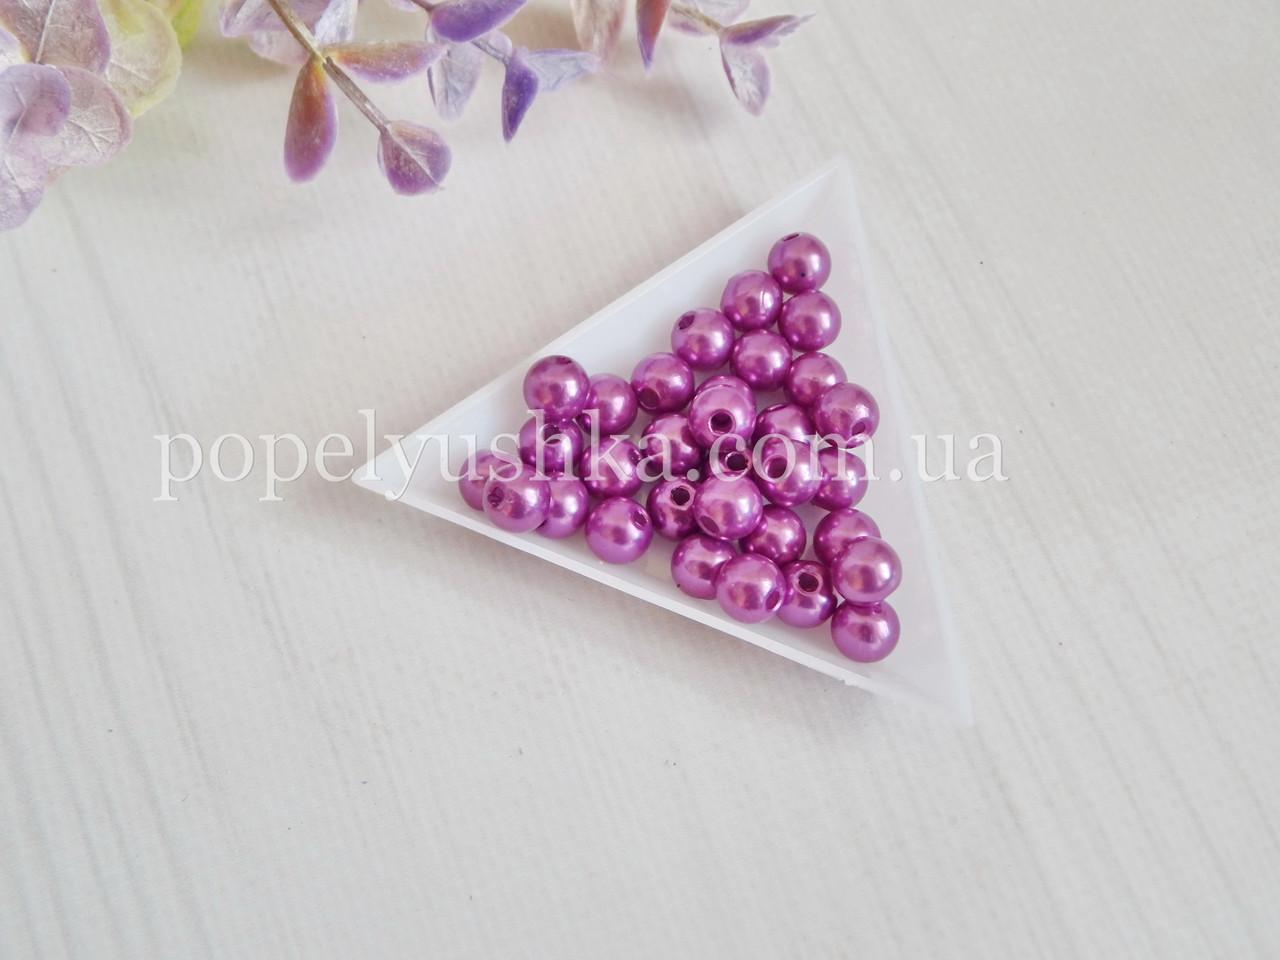 Акрилові Намистини 10 мм фіолетові (20 шт)